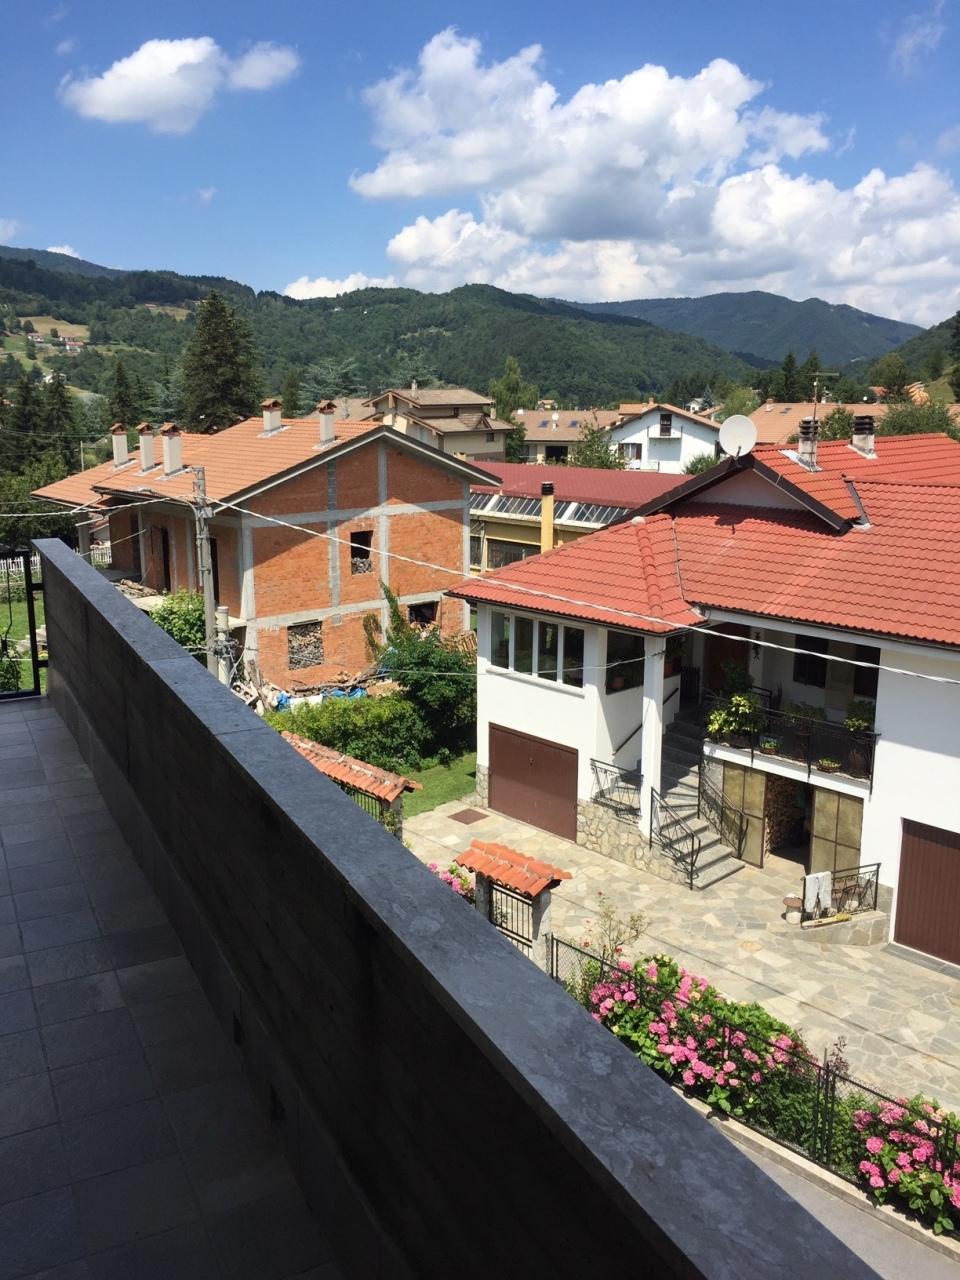 Appartamento in vendita a Calizzano, 3 locali, prezzo € 32.000 | PortaleAgenzieImmobiliari.it